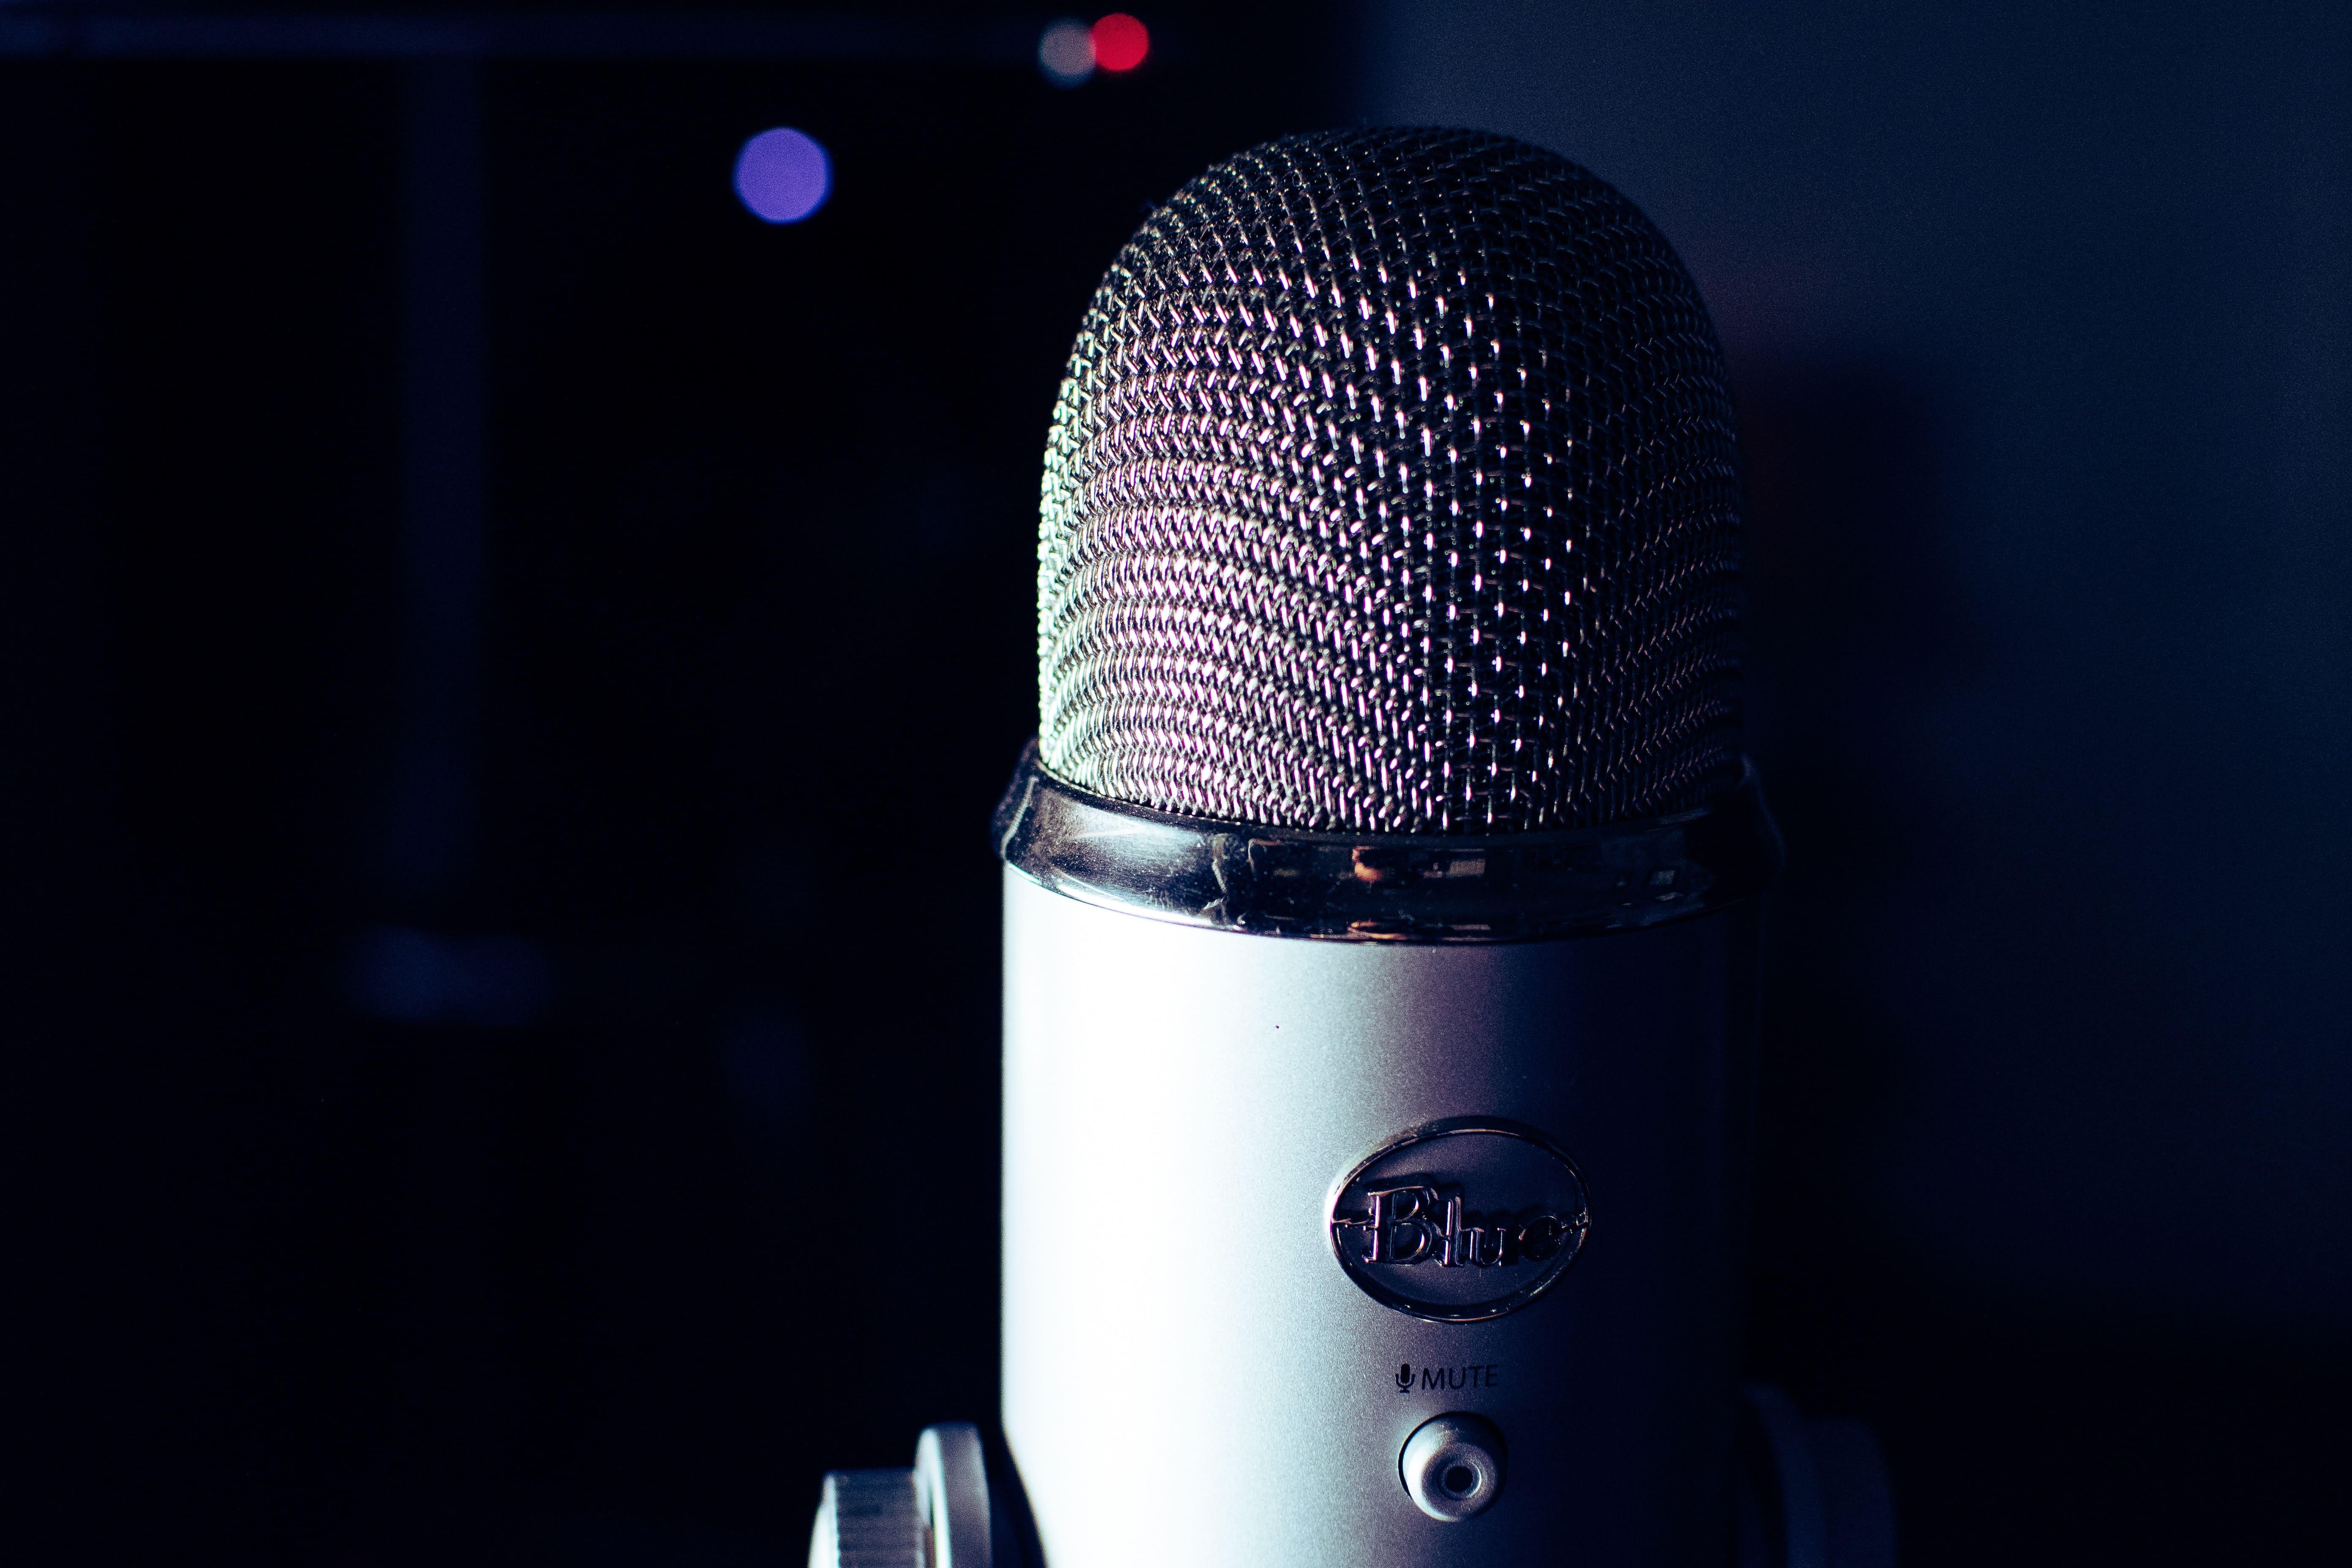 Le coaching vocal, du coaching amélioré